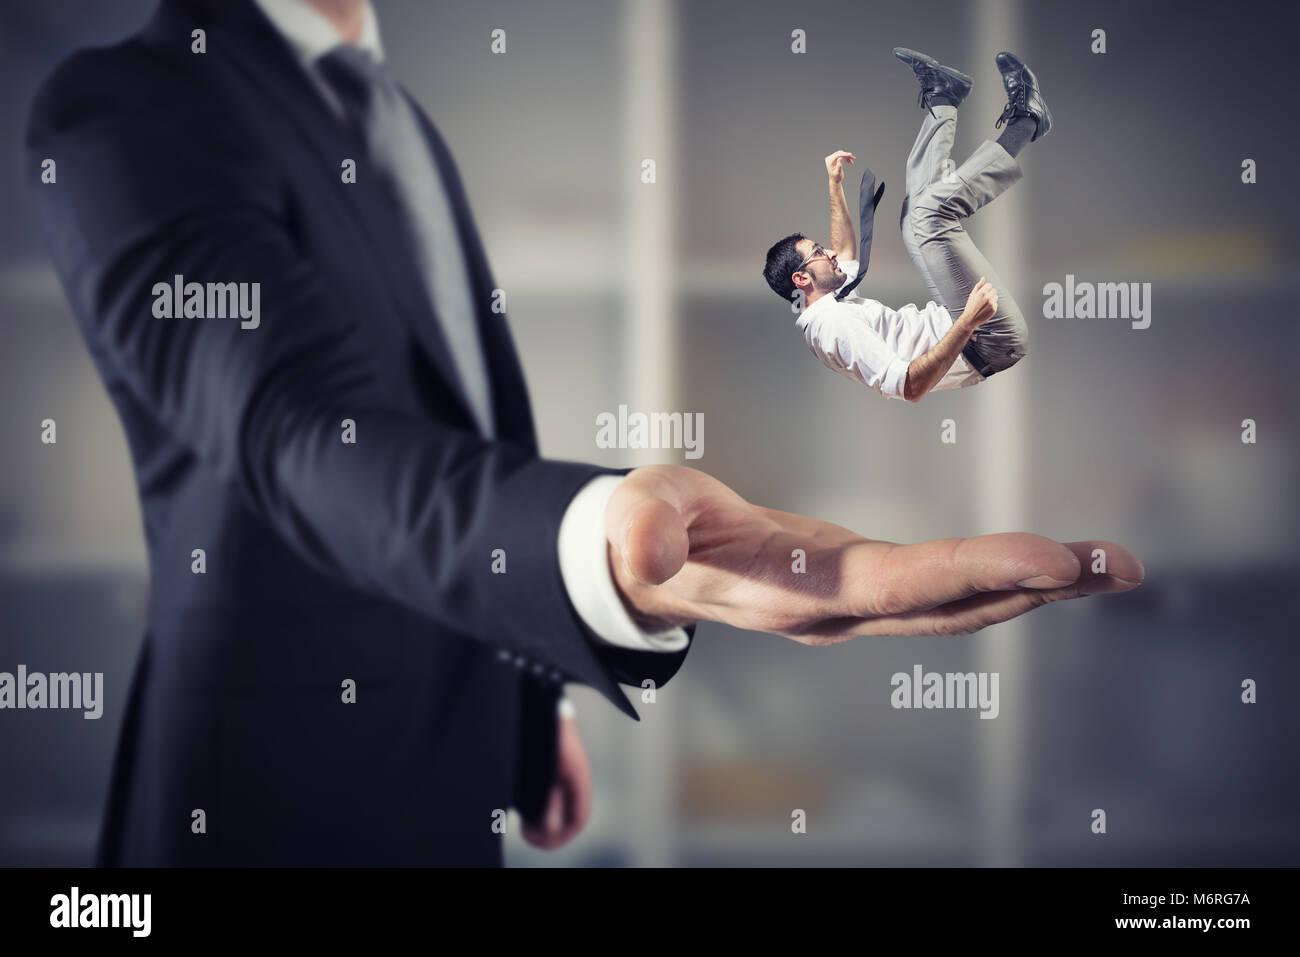 El empresario es salvado de una gran mano. Concepto de apoyo y asistencia empresarial Imagen De Stock